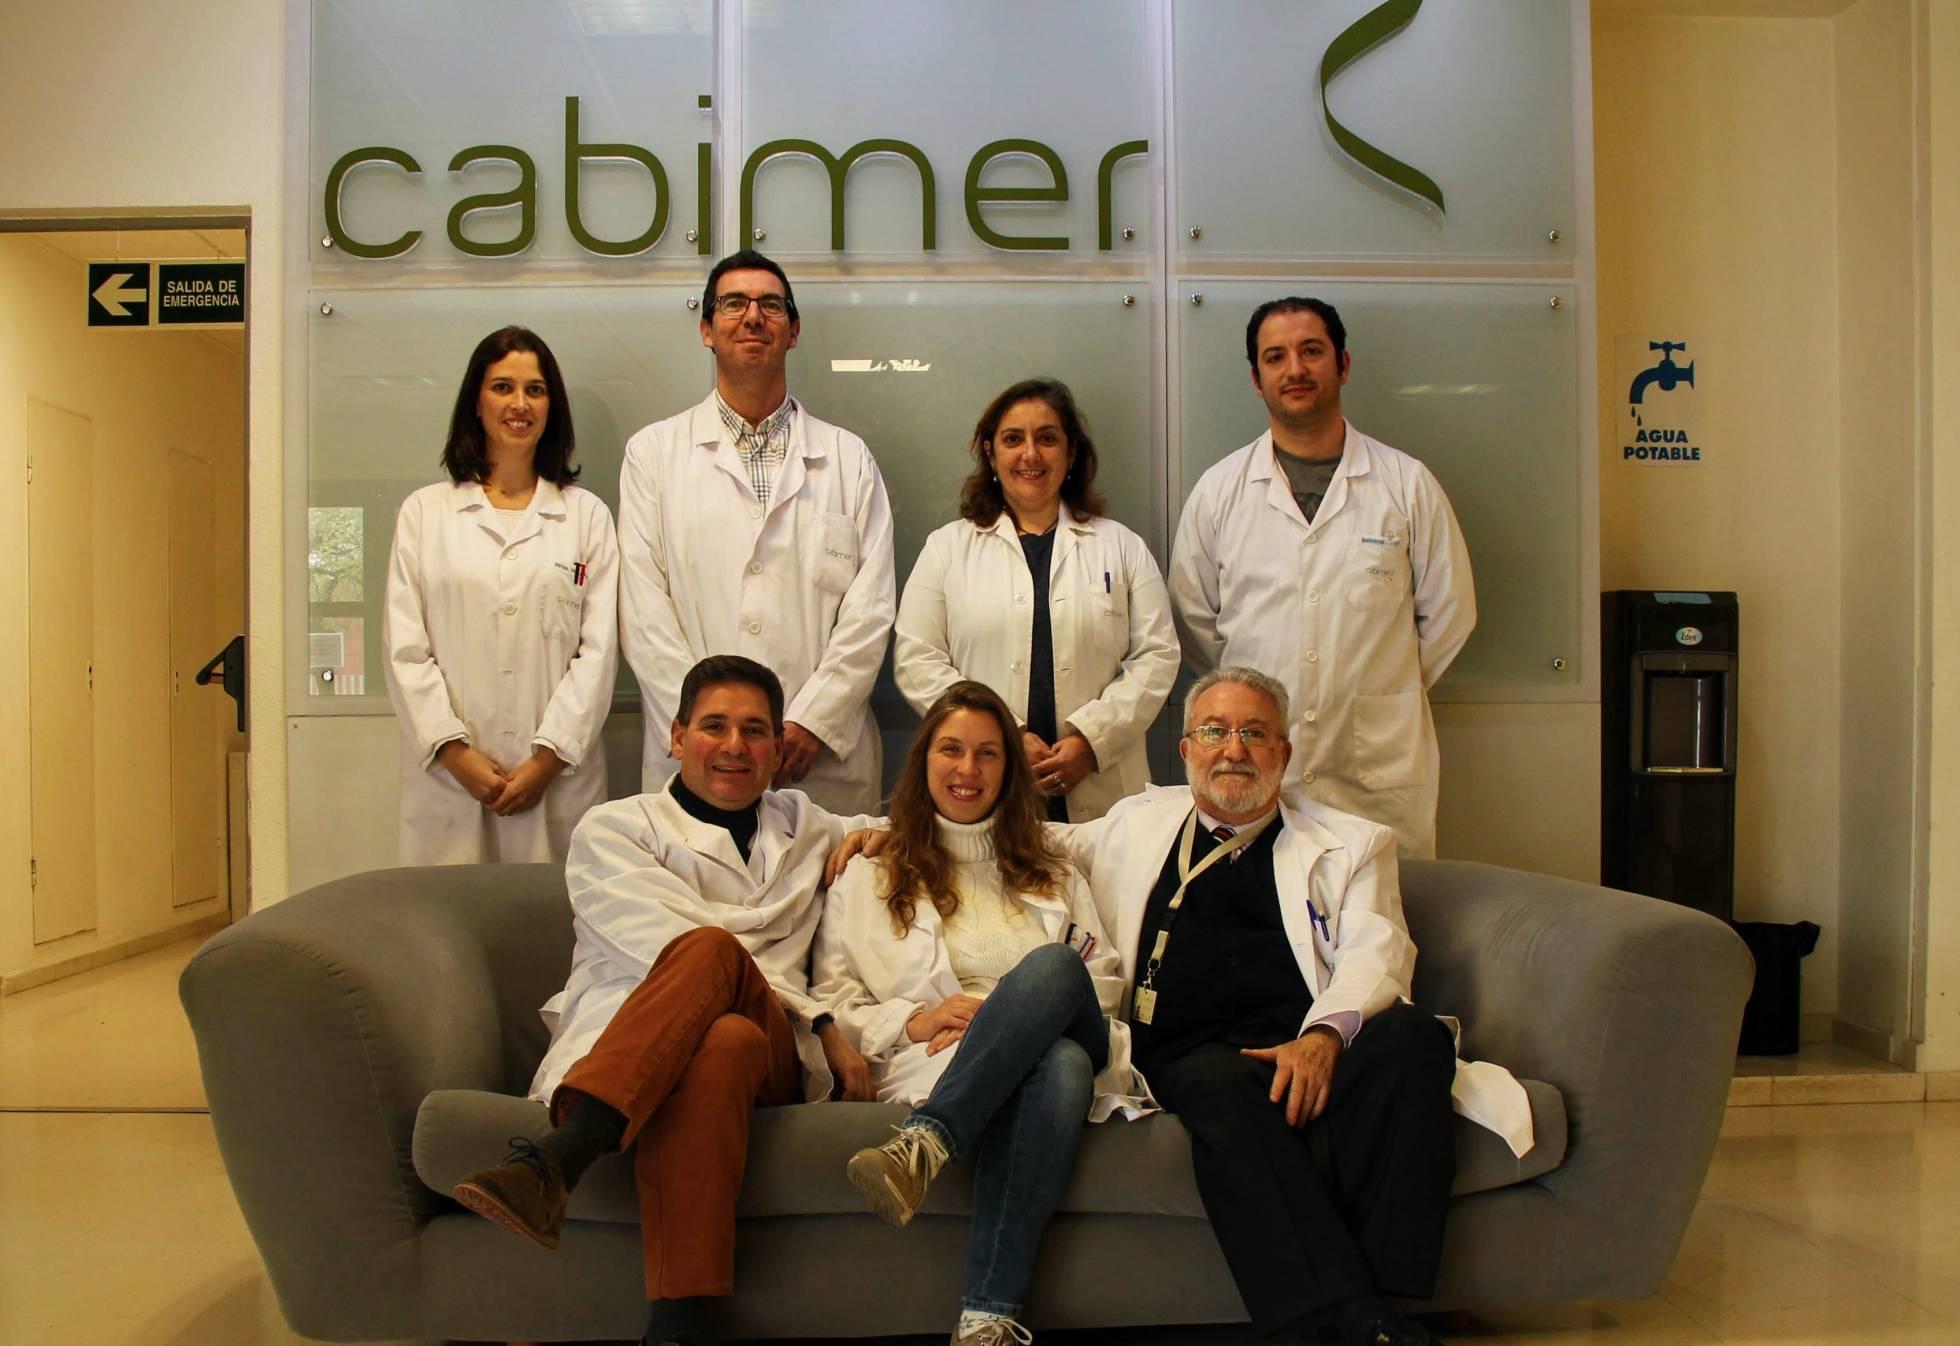 فريق دولي من العلماء بقيادة باحثين من المركز الأندلسي للبيولوجيا الجزيئية والطب التجديدي (Cabimer)